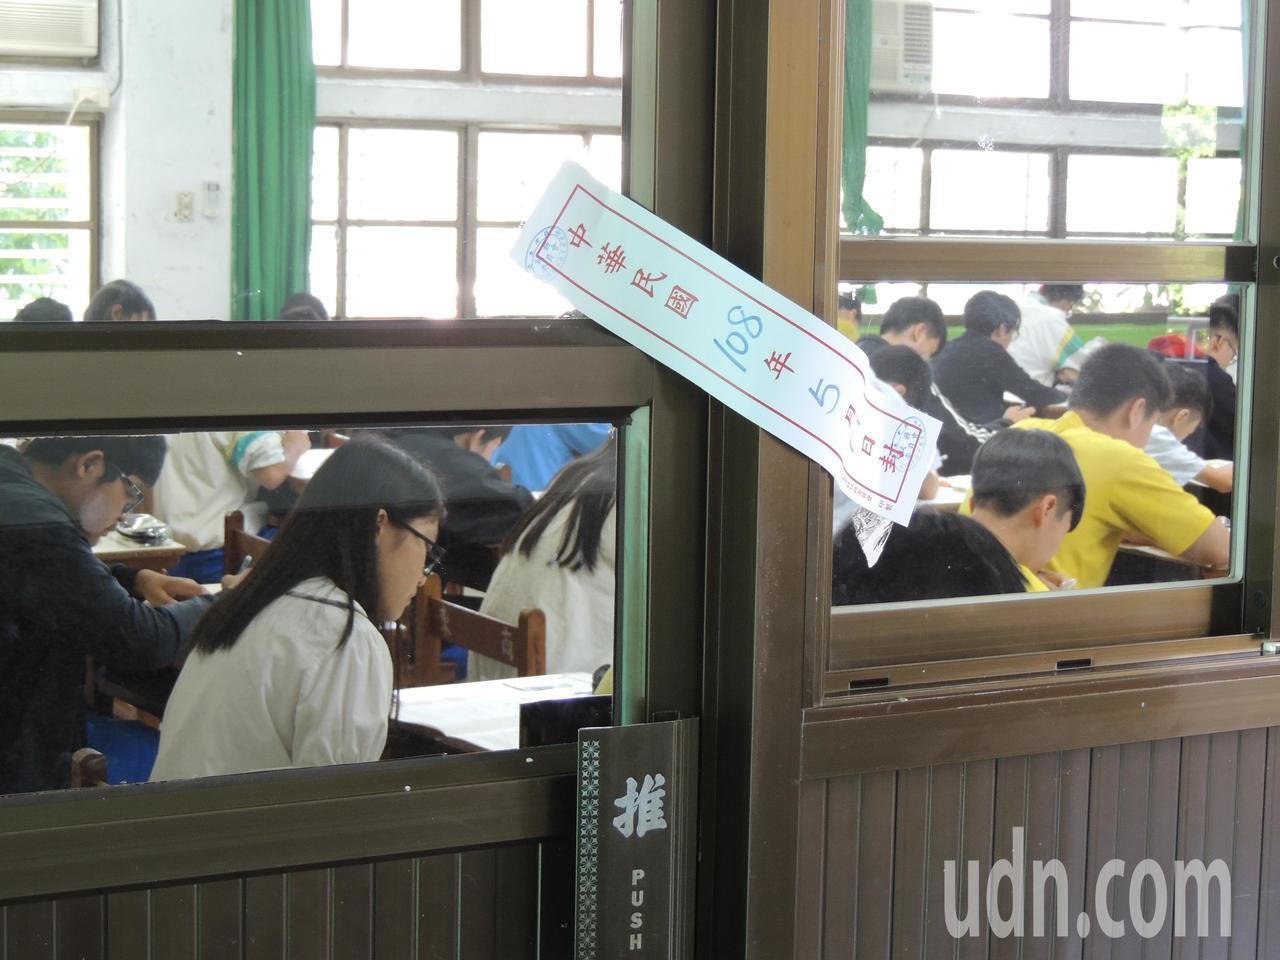 國中會考今天落幕,台東考區整體秩序良好,沒有考生作弊。記者羅紹平/攝影